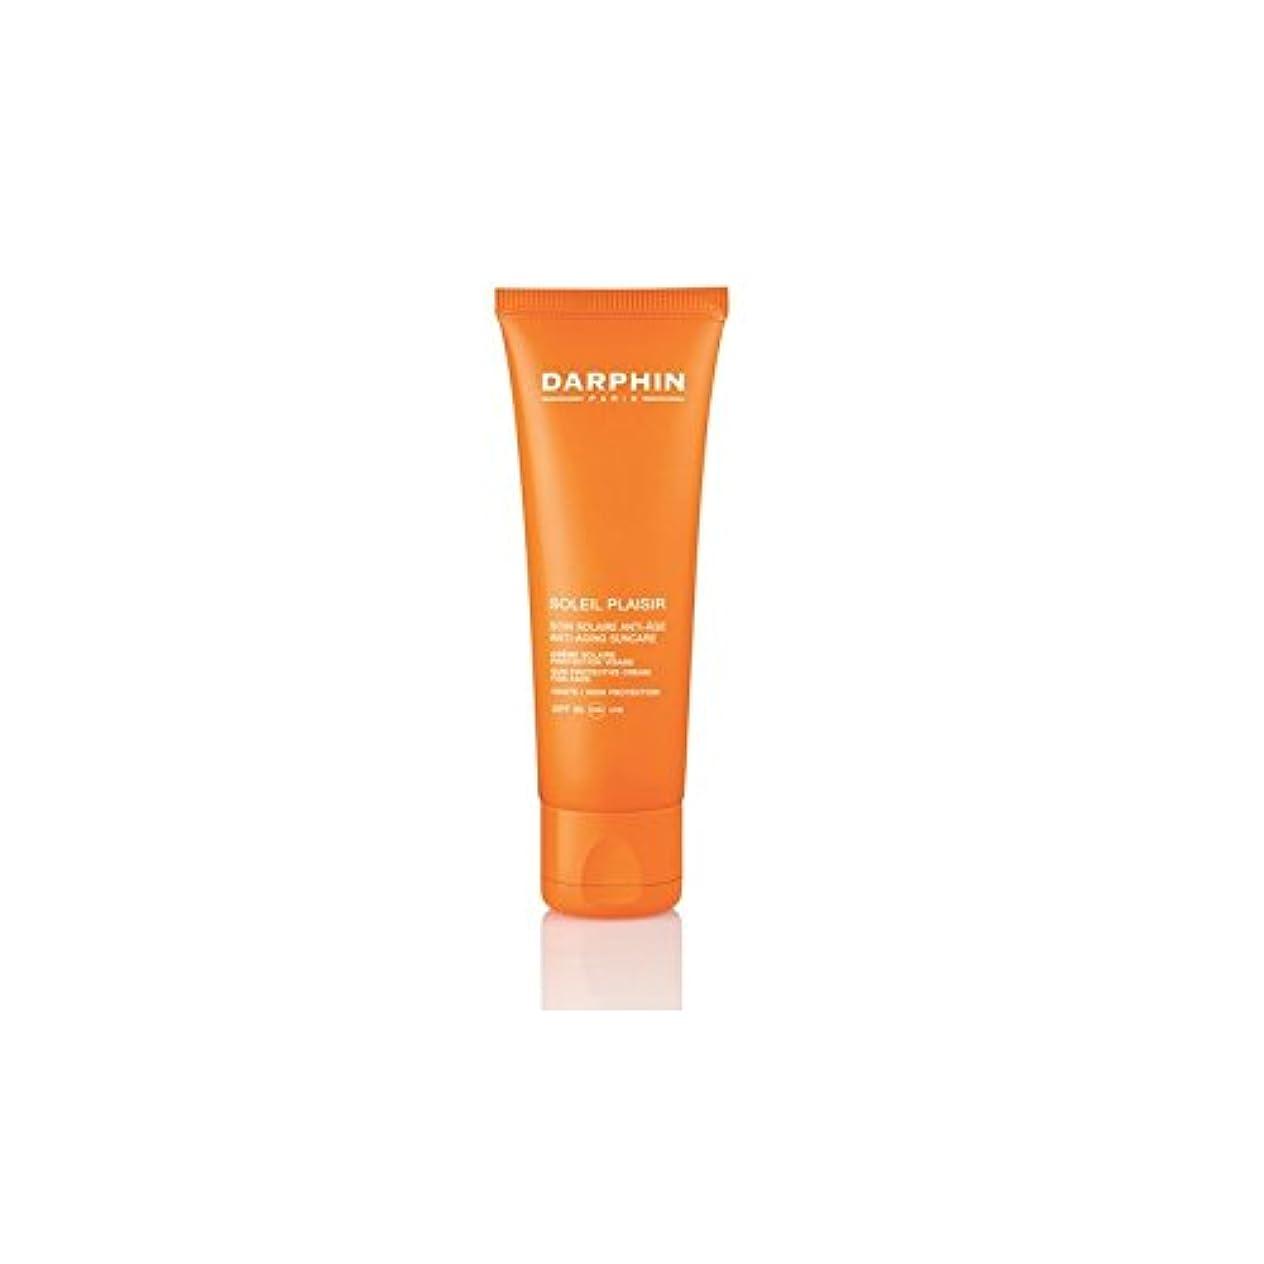 下線奨励チャペルDarphin Soleil Plaisir For Face Moisturiser Spf50 (50ml) - 顔の保湿用50用ダルファンソレイユのプレジール(50ミリリットル) [並行輸入品]